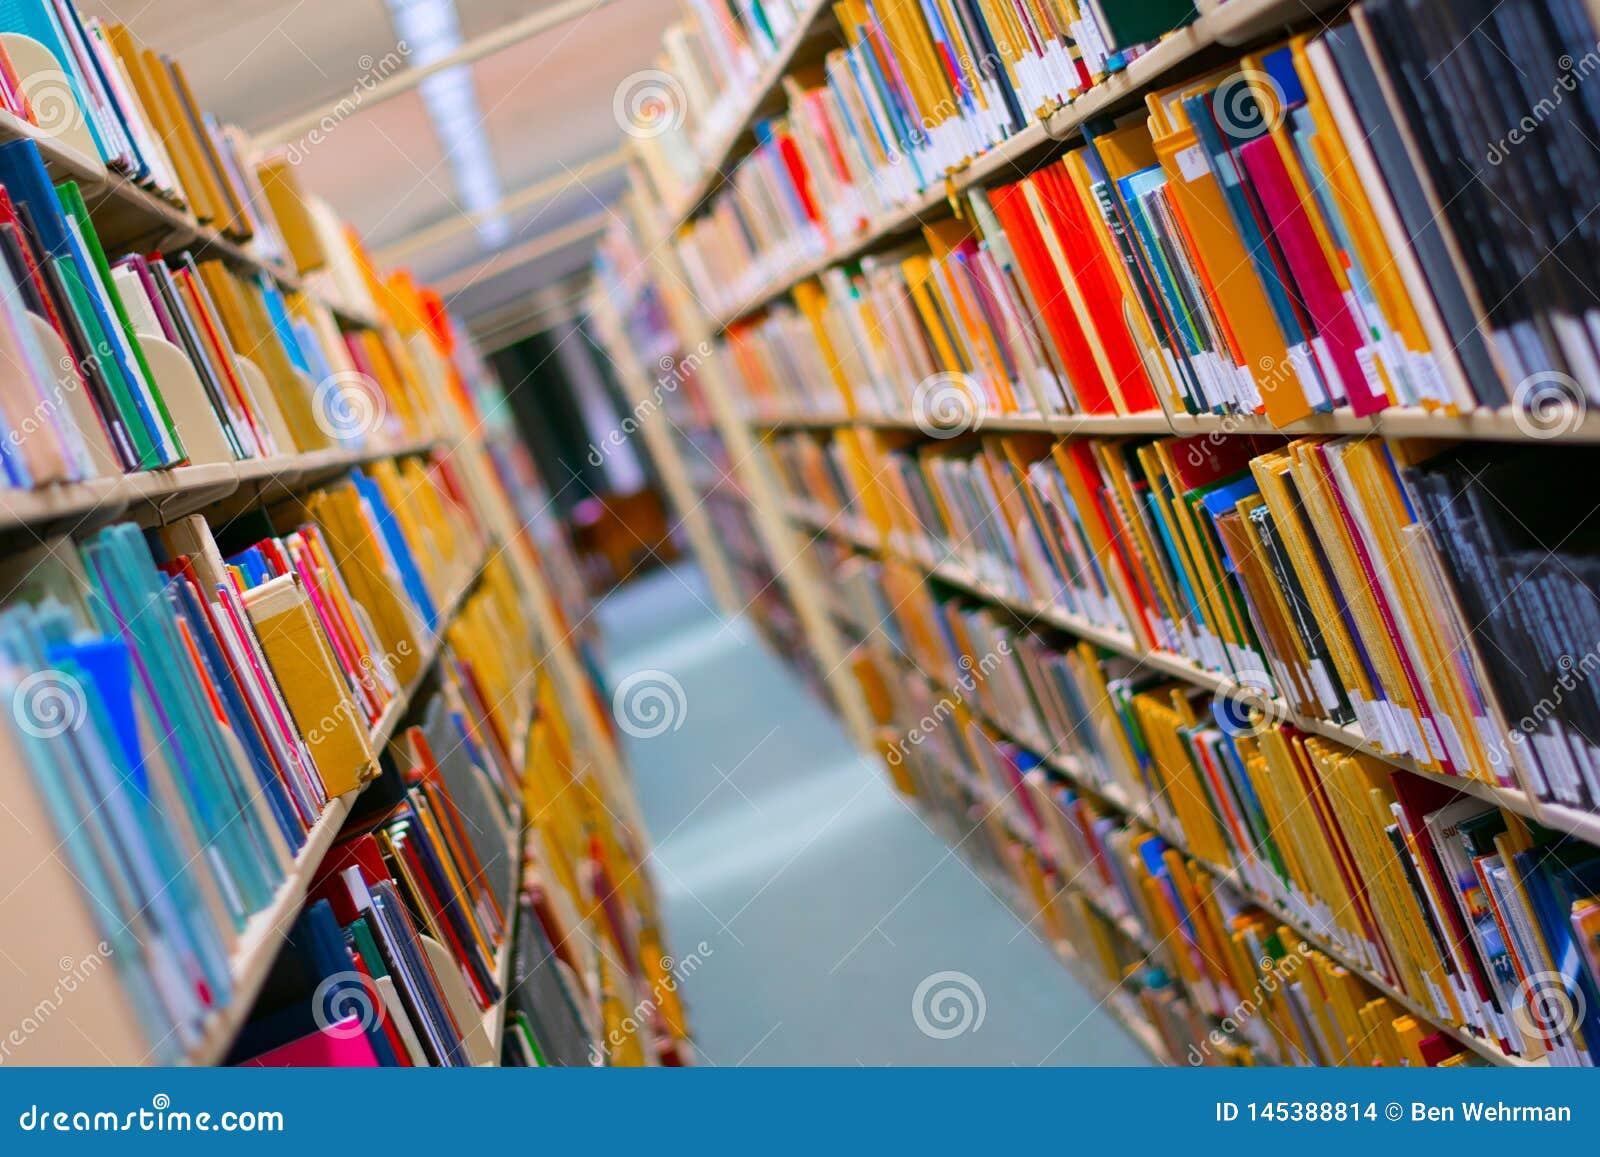 Biblioteca em uma biblioteca